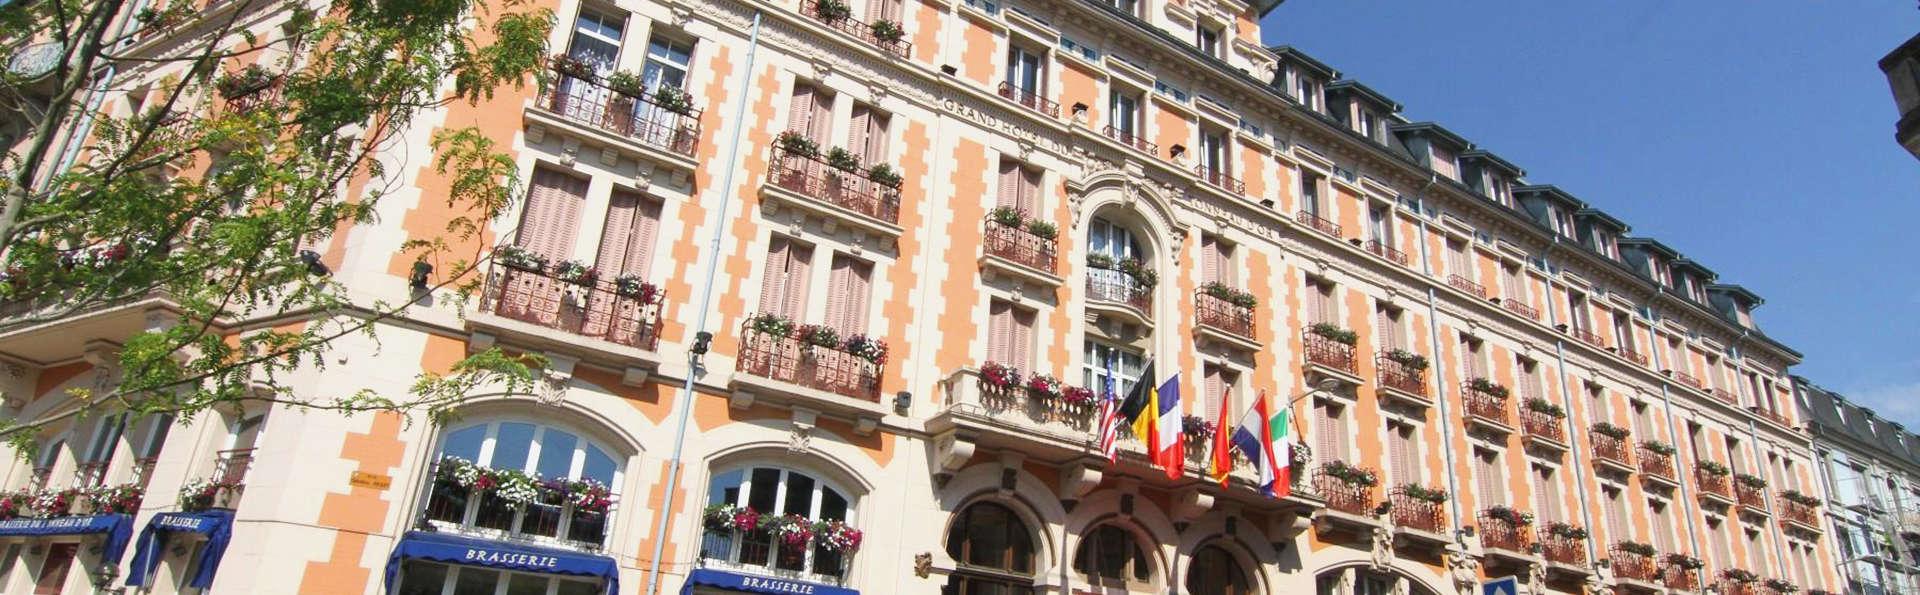 Grand Hôtel du Tonneau d'Or - EDIT_Fachada_1.jpg